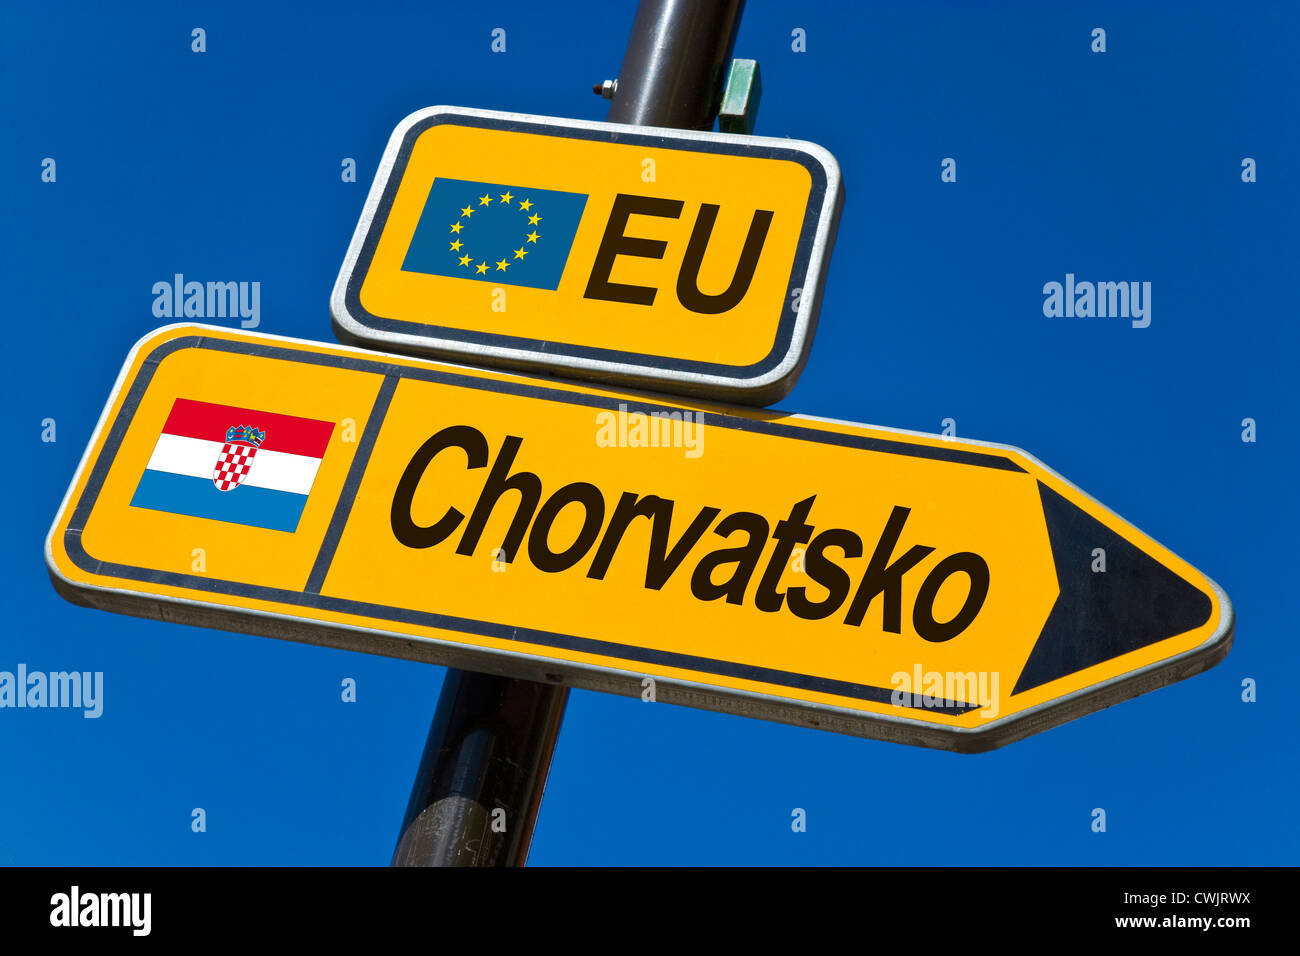 EU - Estado candidato a la adhesión 2010 - Croacia Imagen De Stock